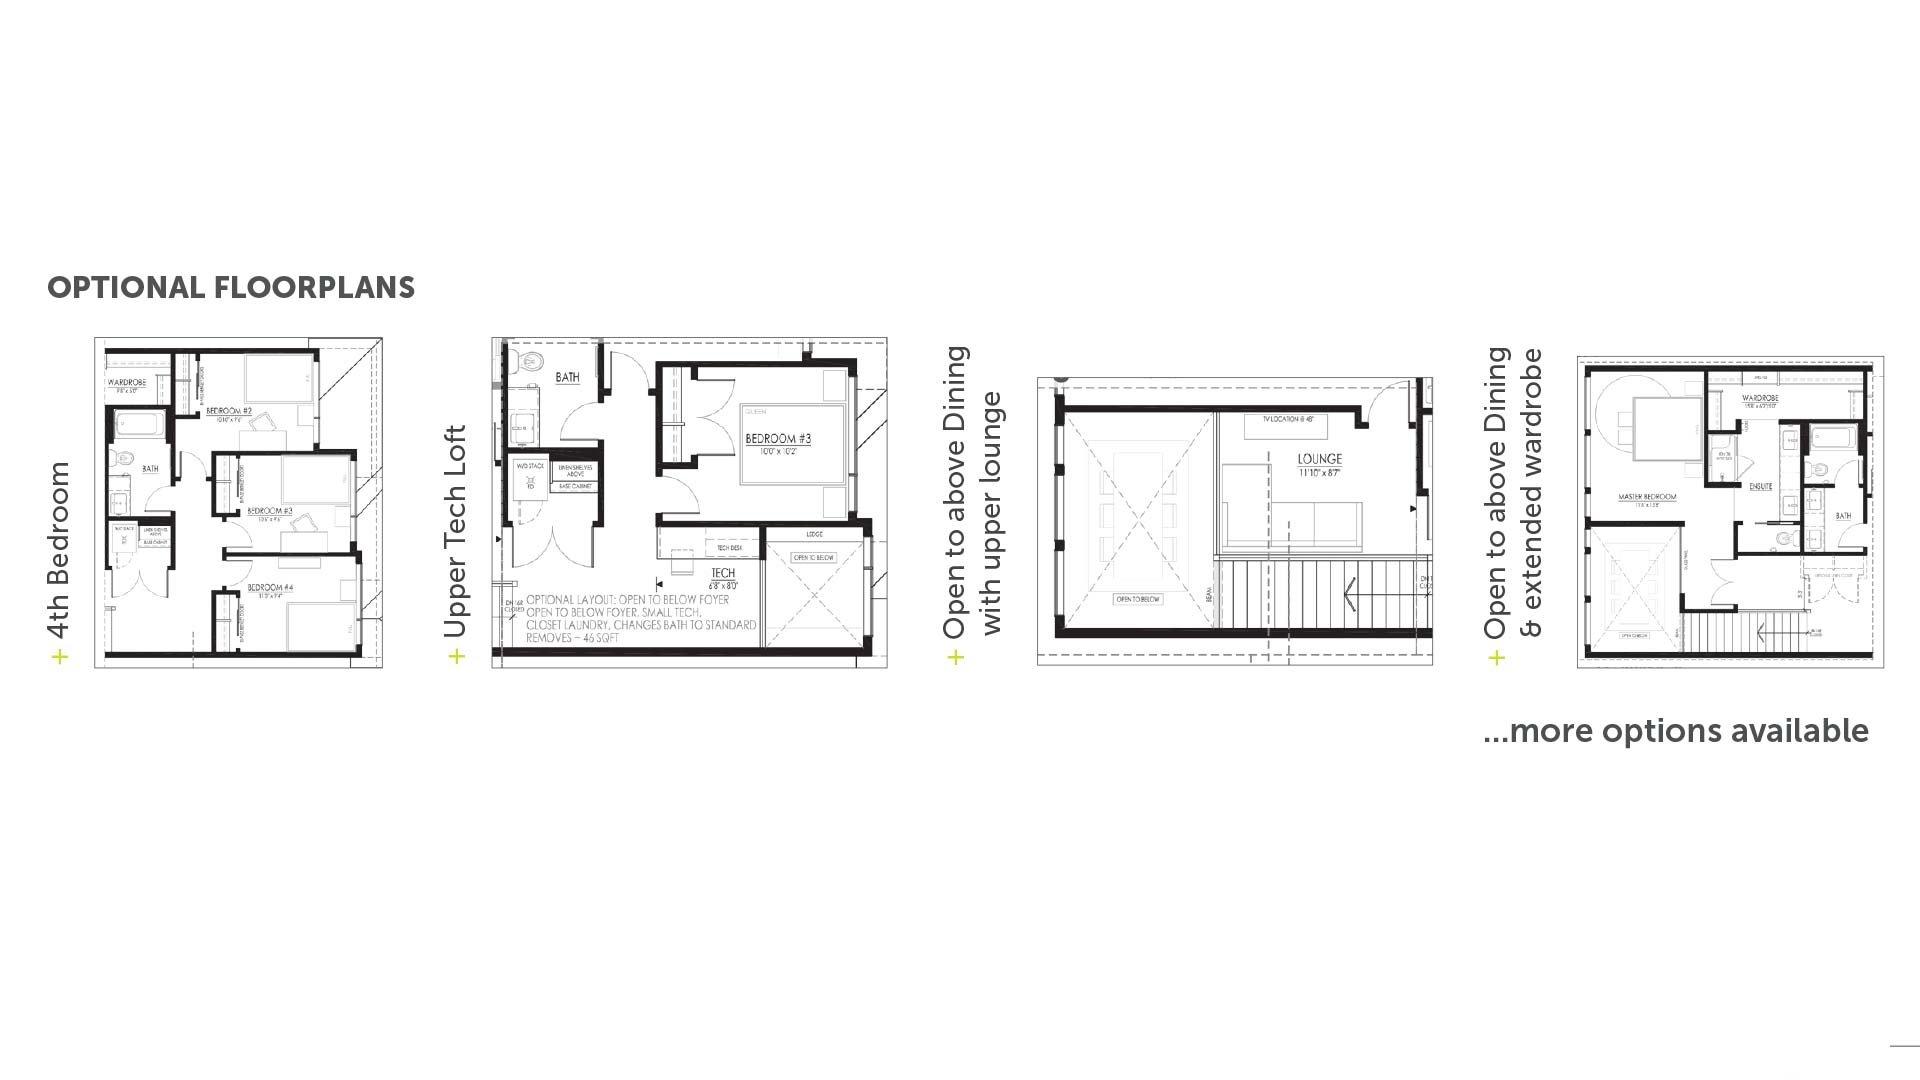 Kanvi-homes-new-home-builder-Essense-options